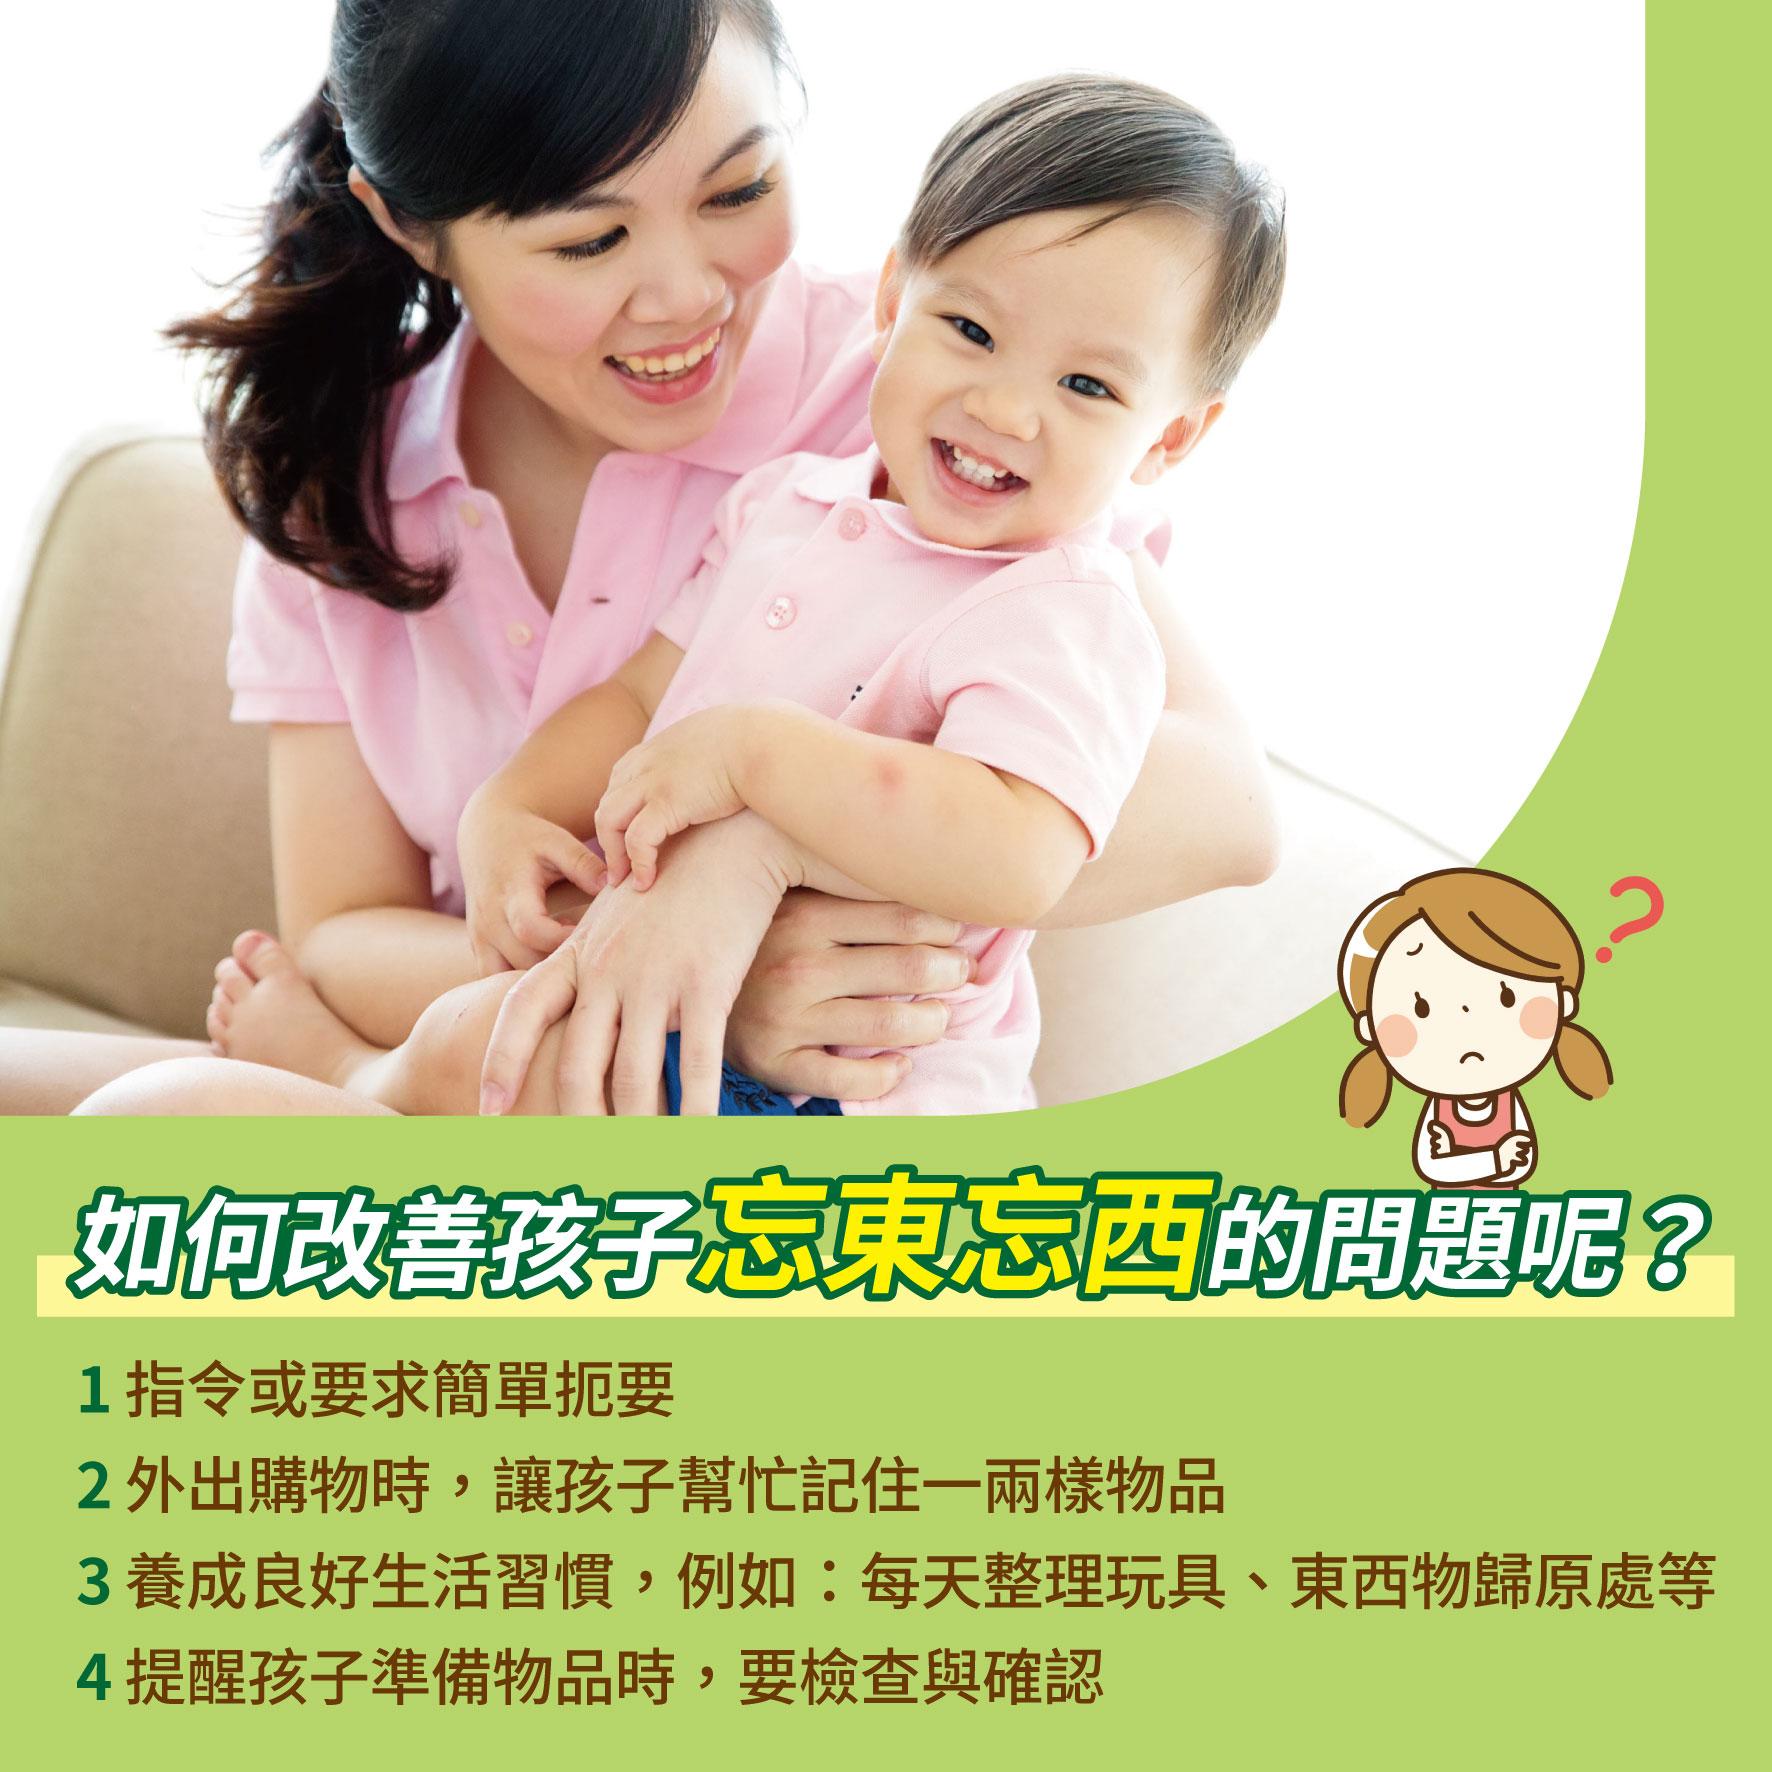 幼兒3歲(第48週)如何改善孩子忘東忘西的問題呢?